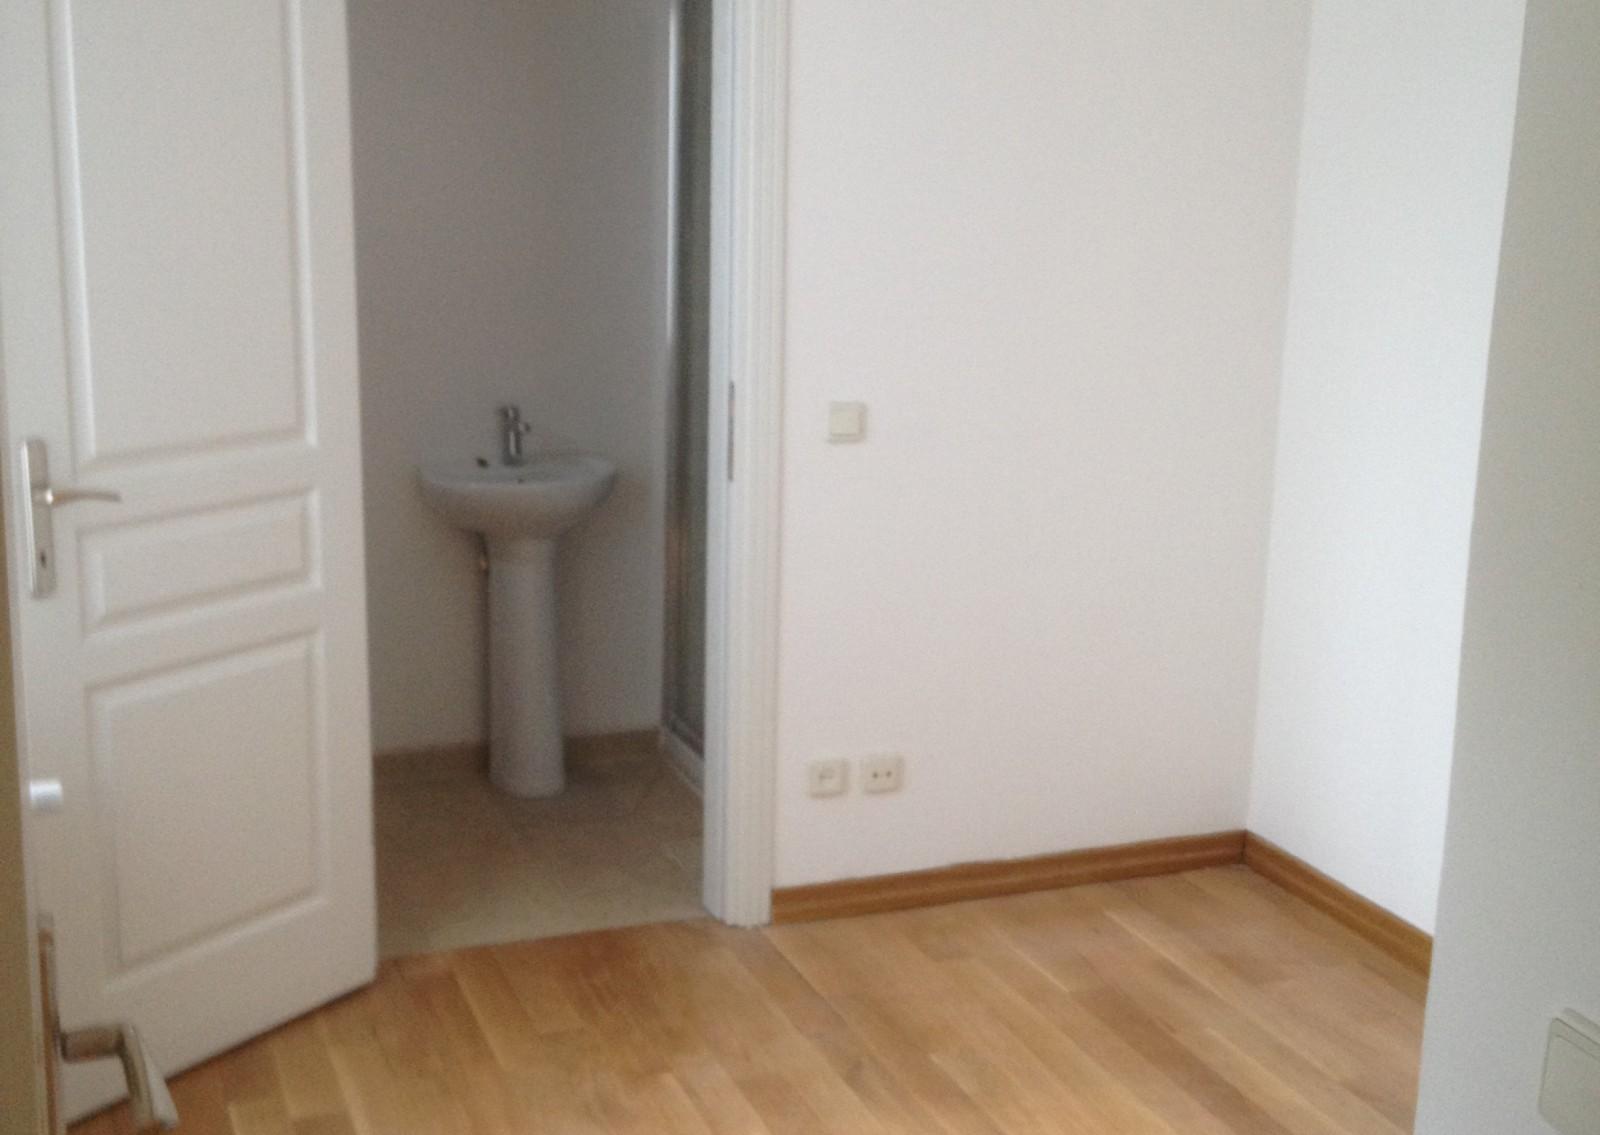 Zorlu'ya Yakın Sitede kiralık 5+1 daire